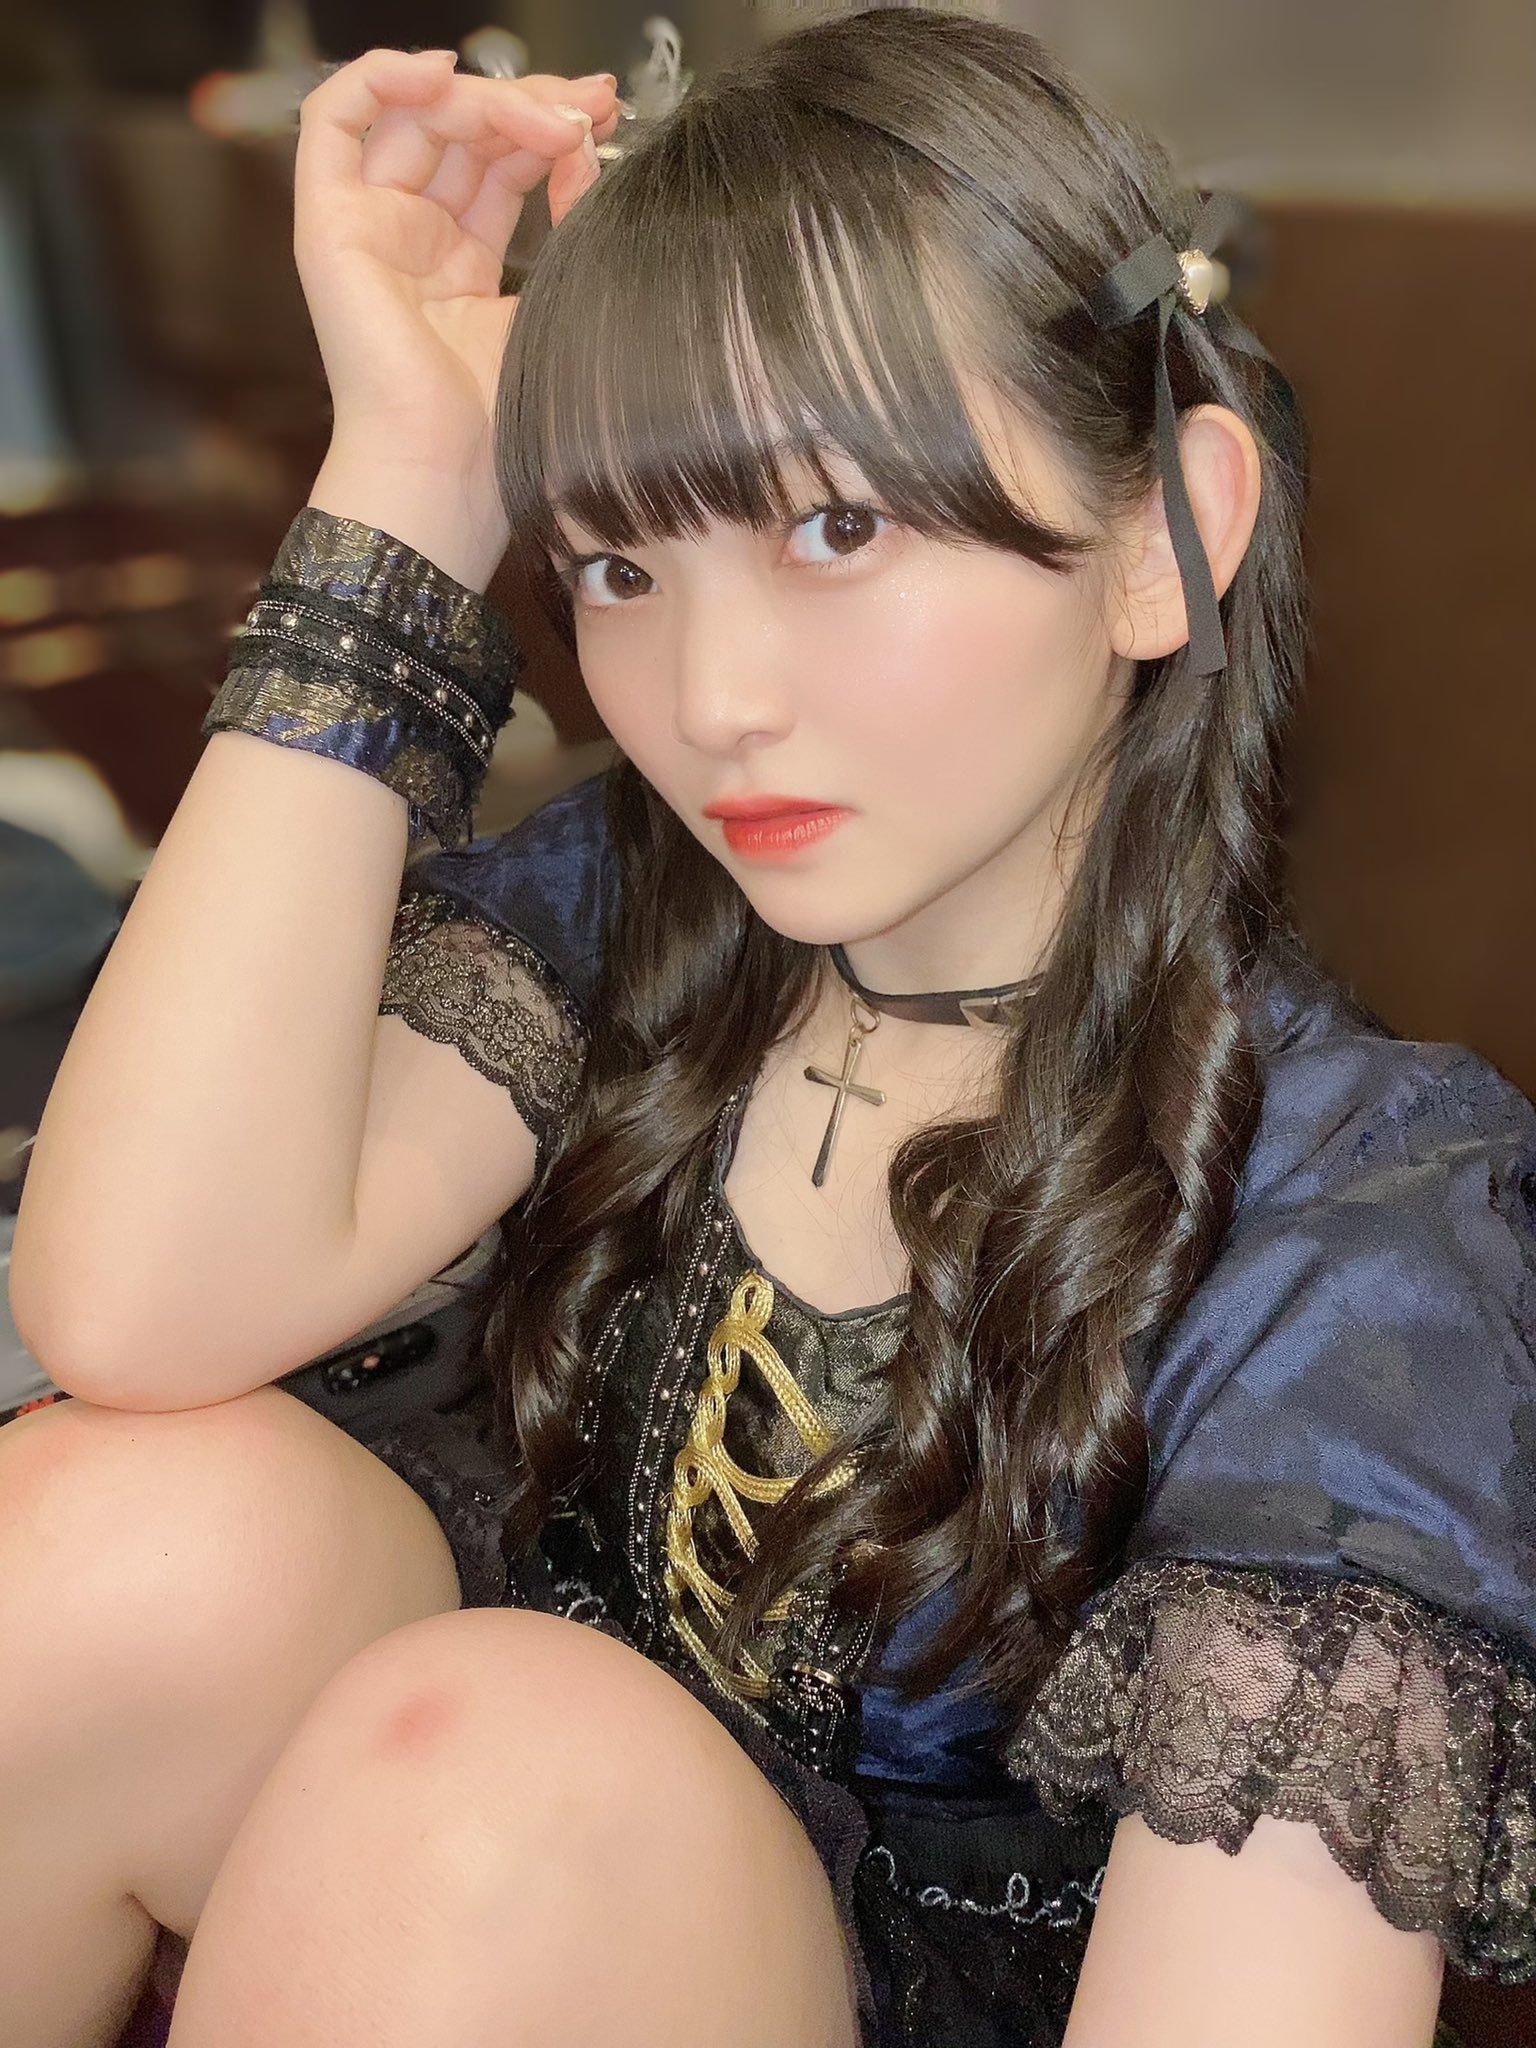 15岁奇迹妹[佐山すずか]外衣展现意外有料的软实力 养眼图片 第3张